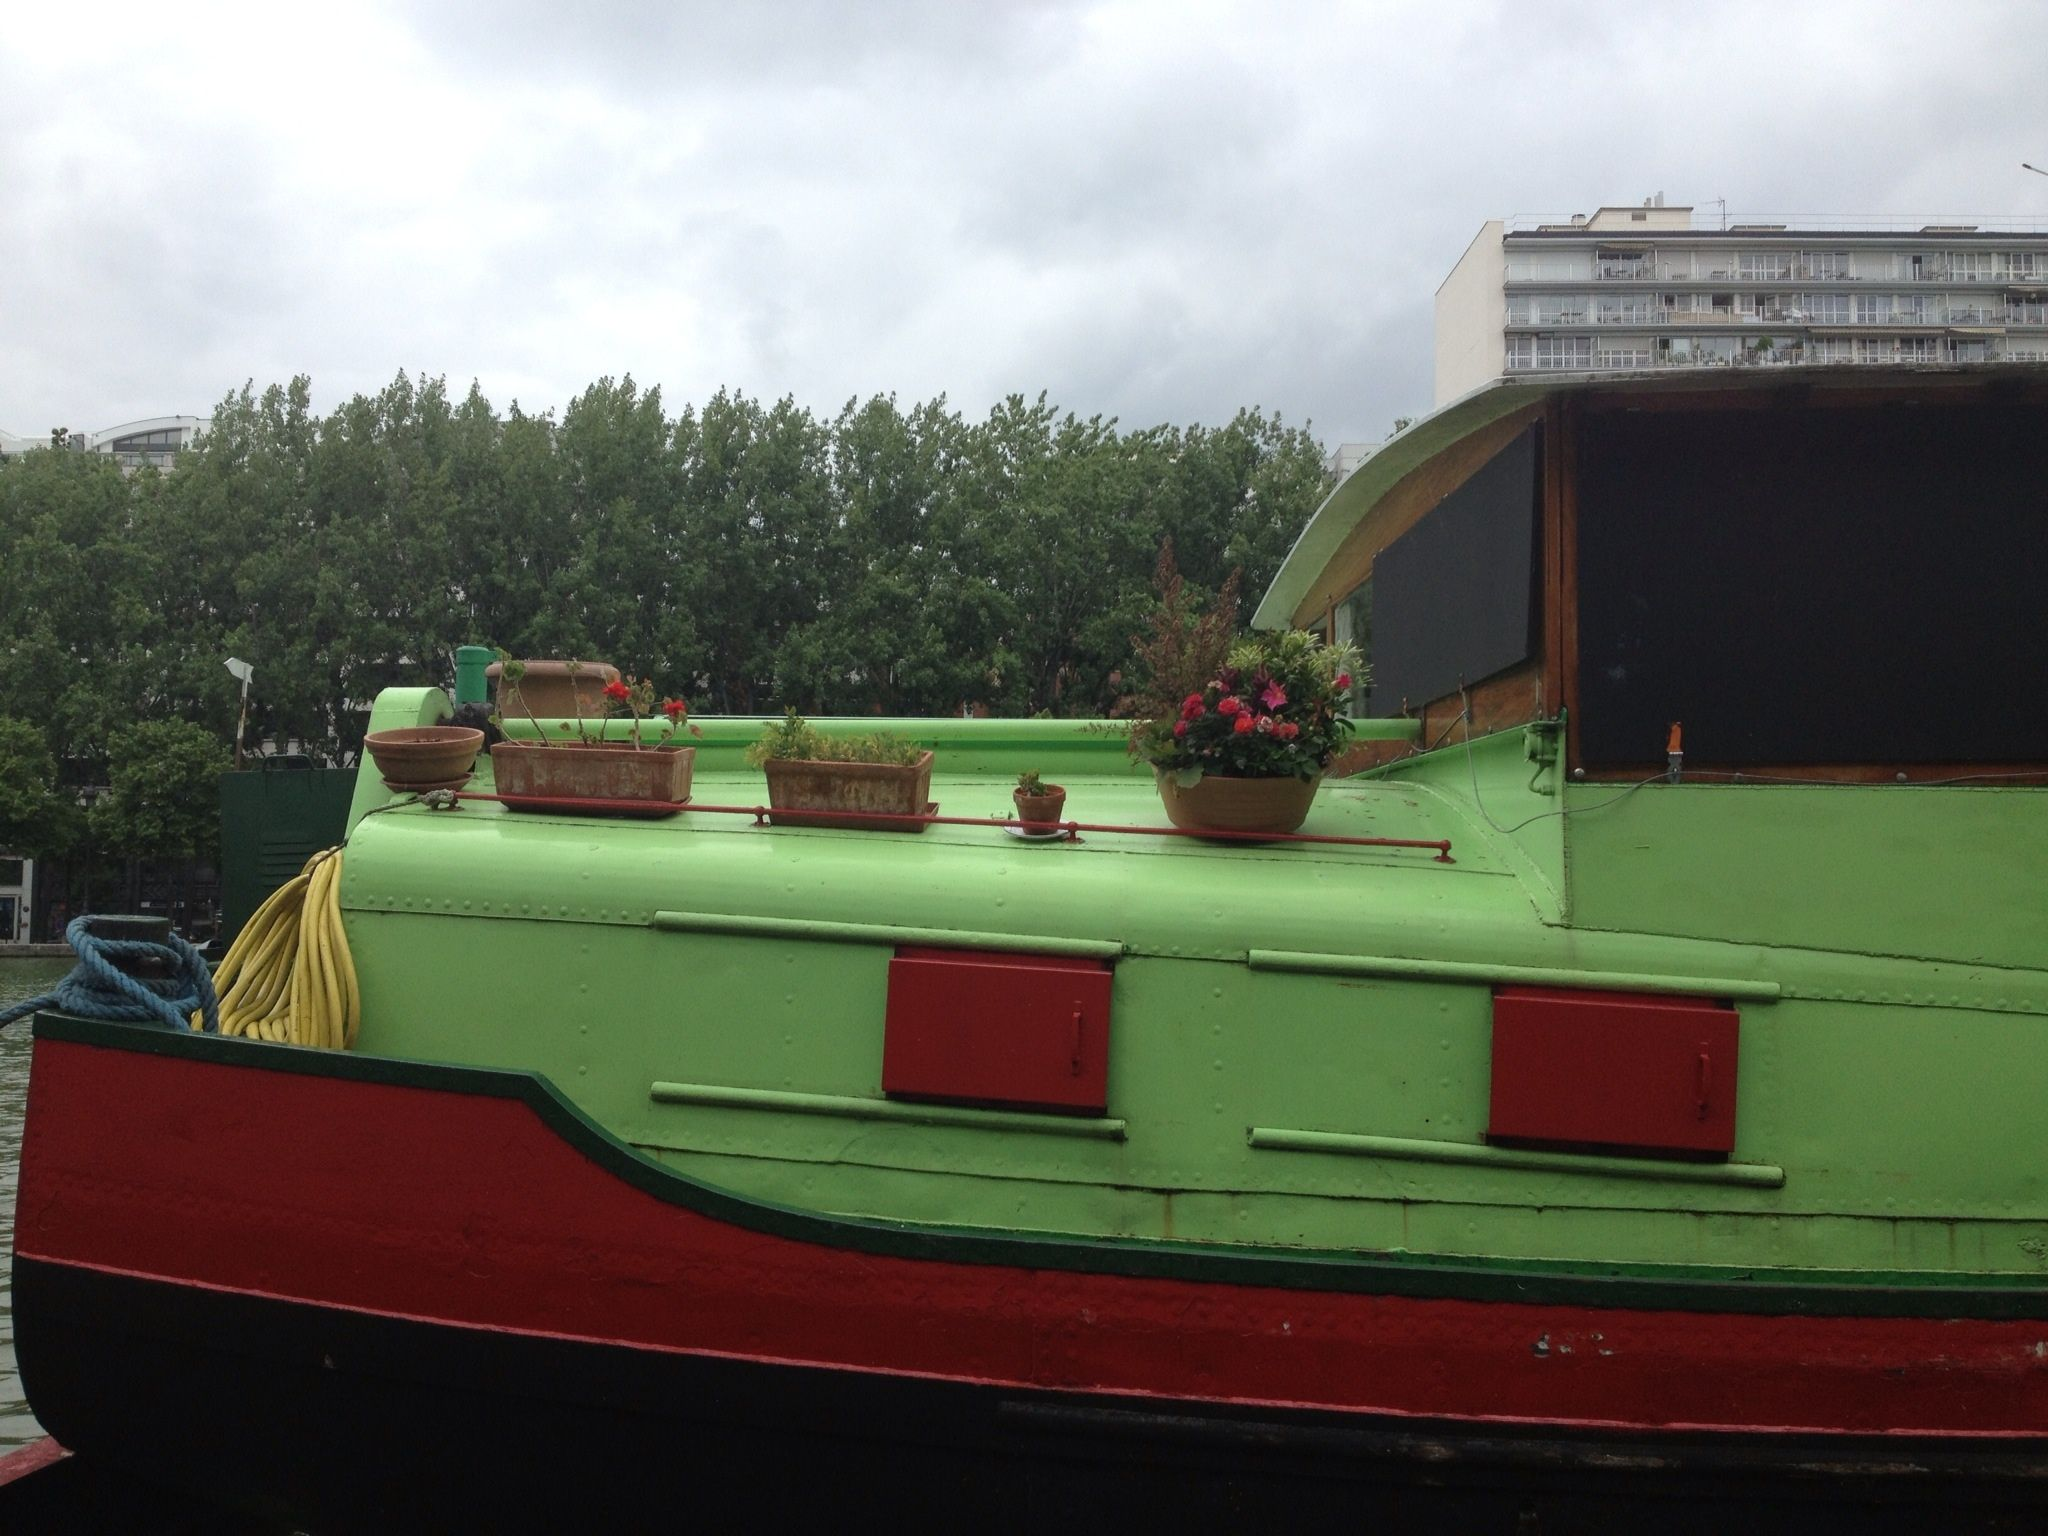 Tug boat Paris, France